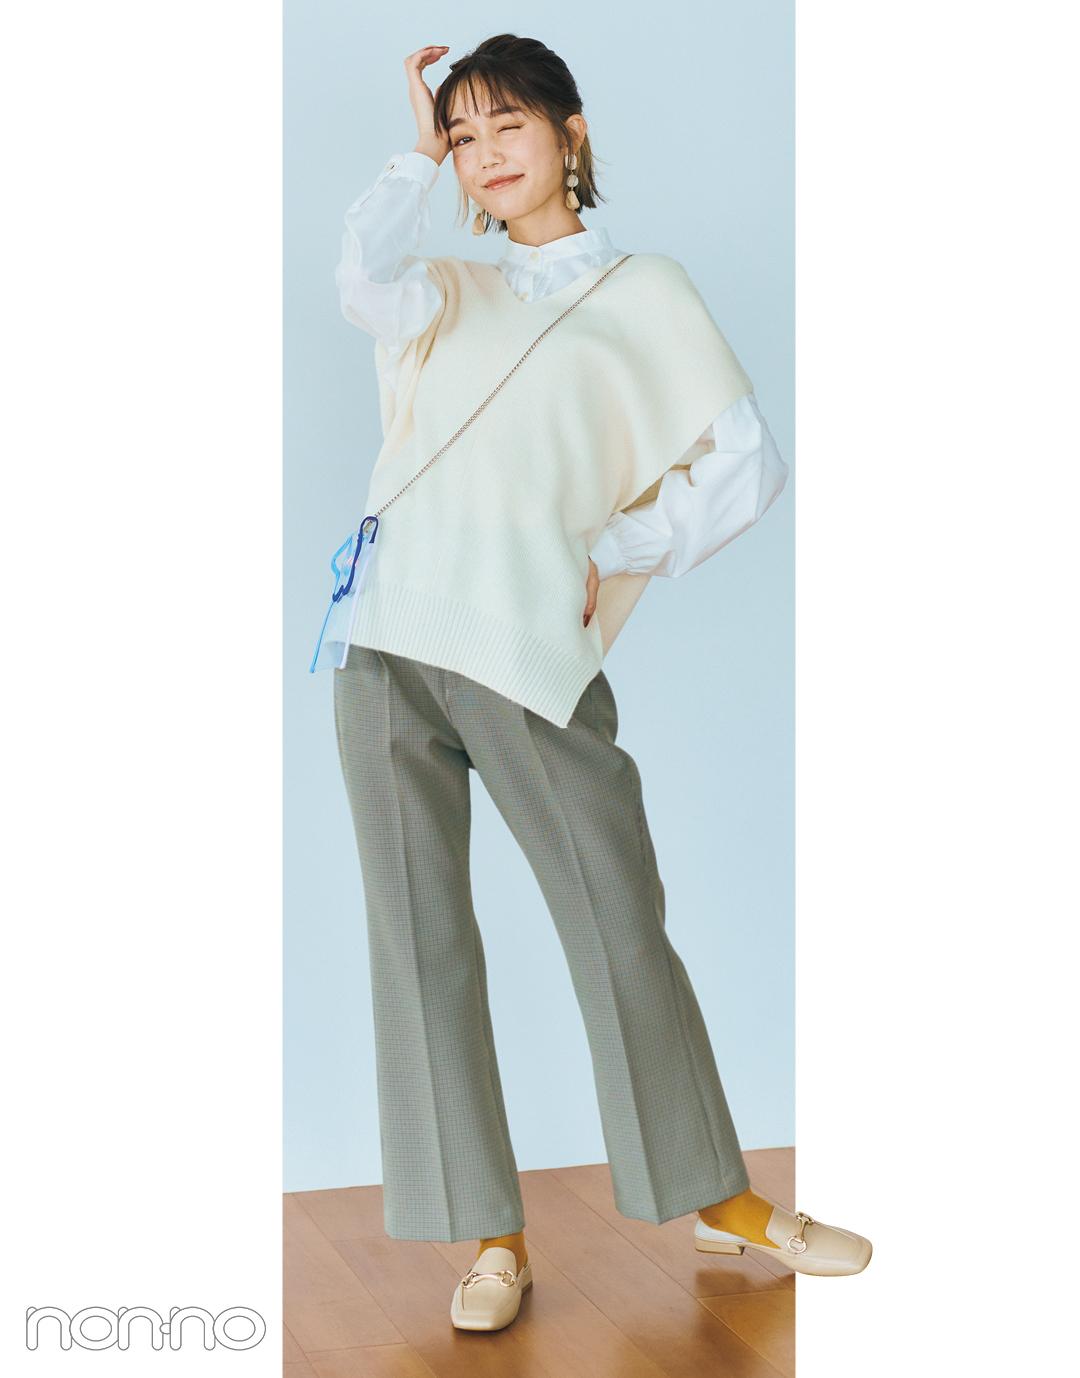 松川菜々花のはきたい靴から考える、本日のコーデ。モデルカット3−5